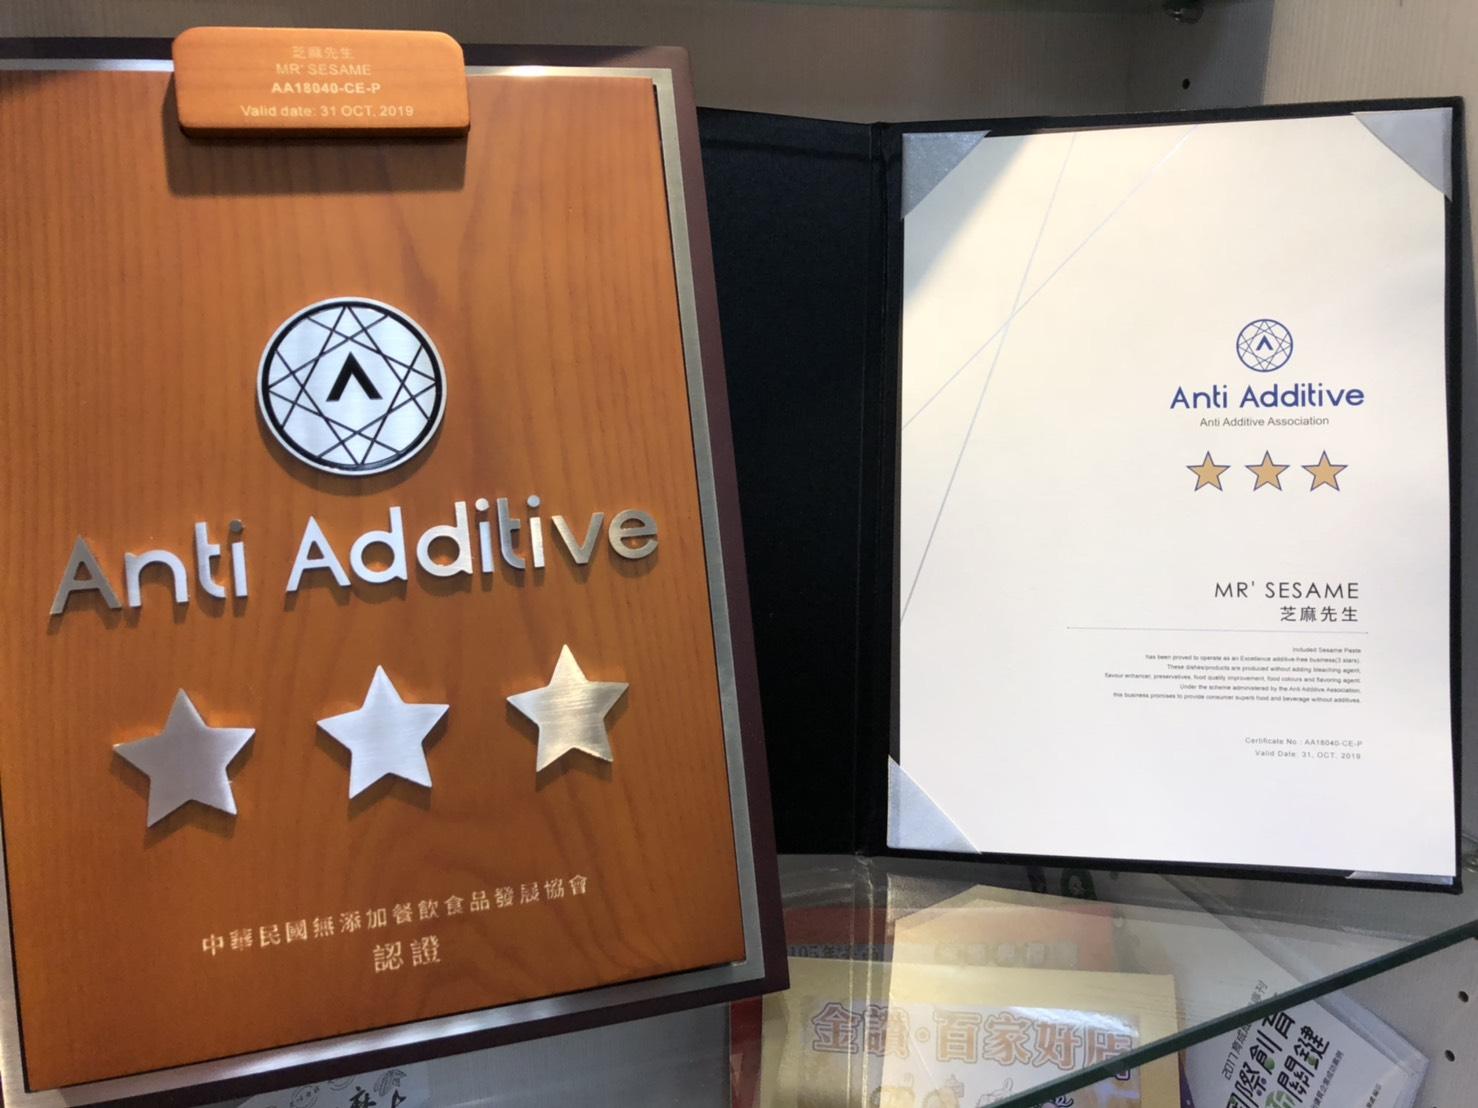 恭喜芝麻先生 榮獲『AA無添加』三星最高榮譽認證